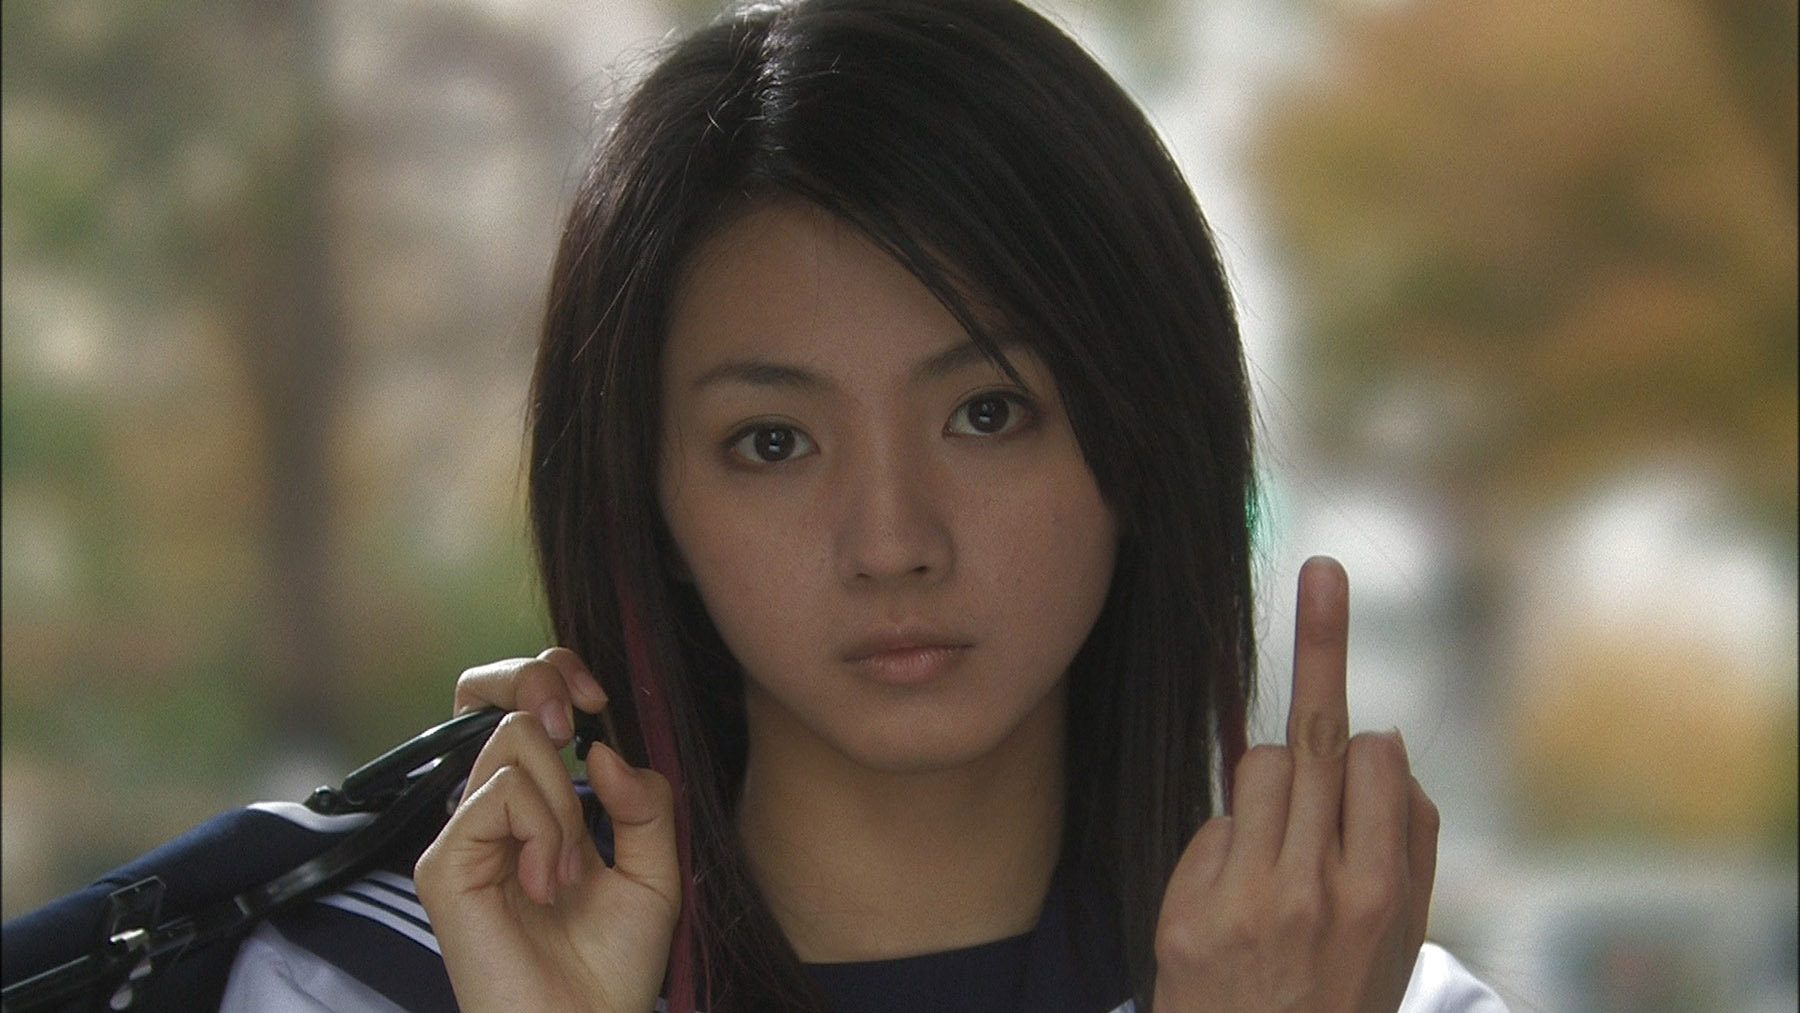 Asian Teens Asian Porn Movies 3